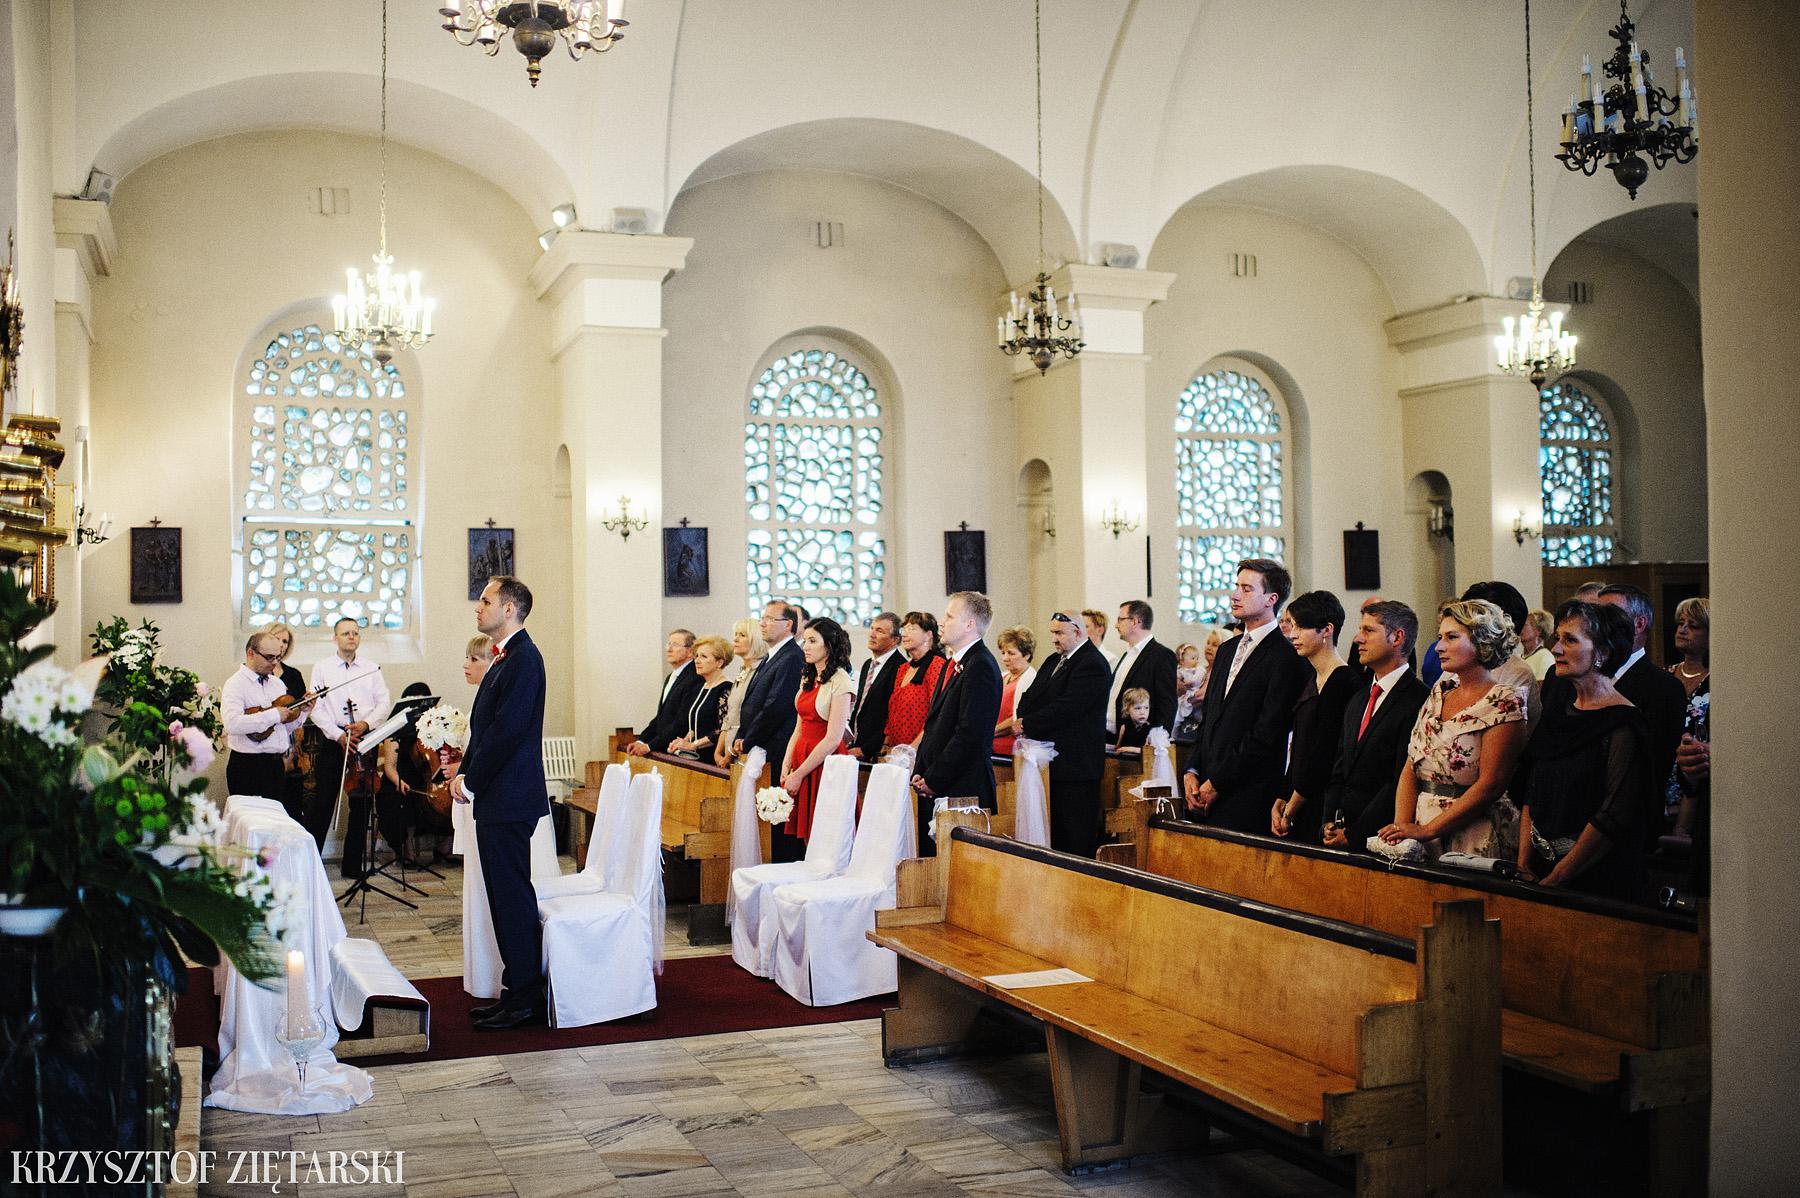 Ola i Grzegorz - Fotografia ślubna Gdynia, Kolegiata NMP, wesele restauracja COCO, plener na Darze Pomorza - 16.